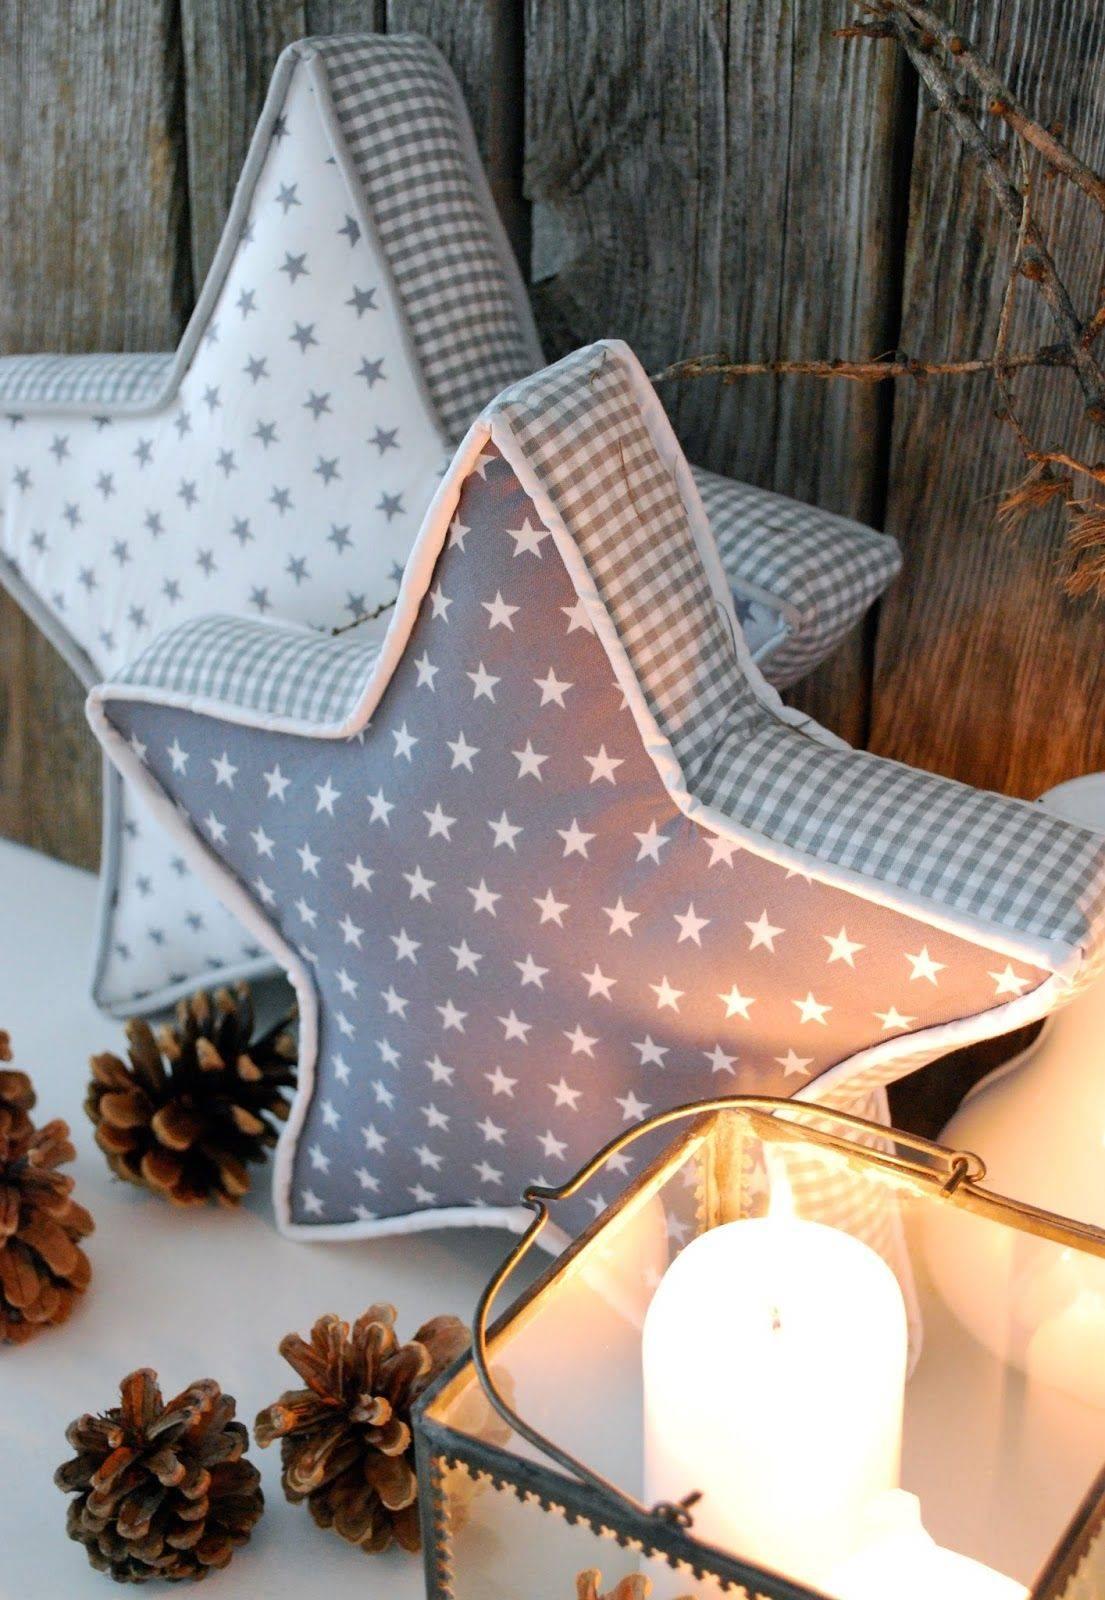 2. Cojines navideños con forma de estrella